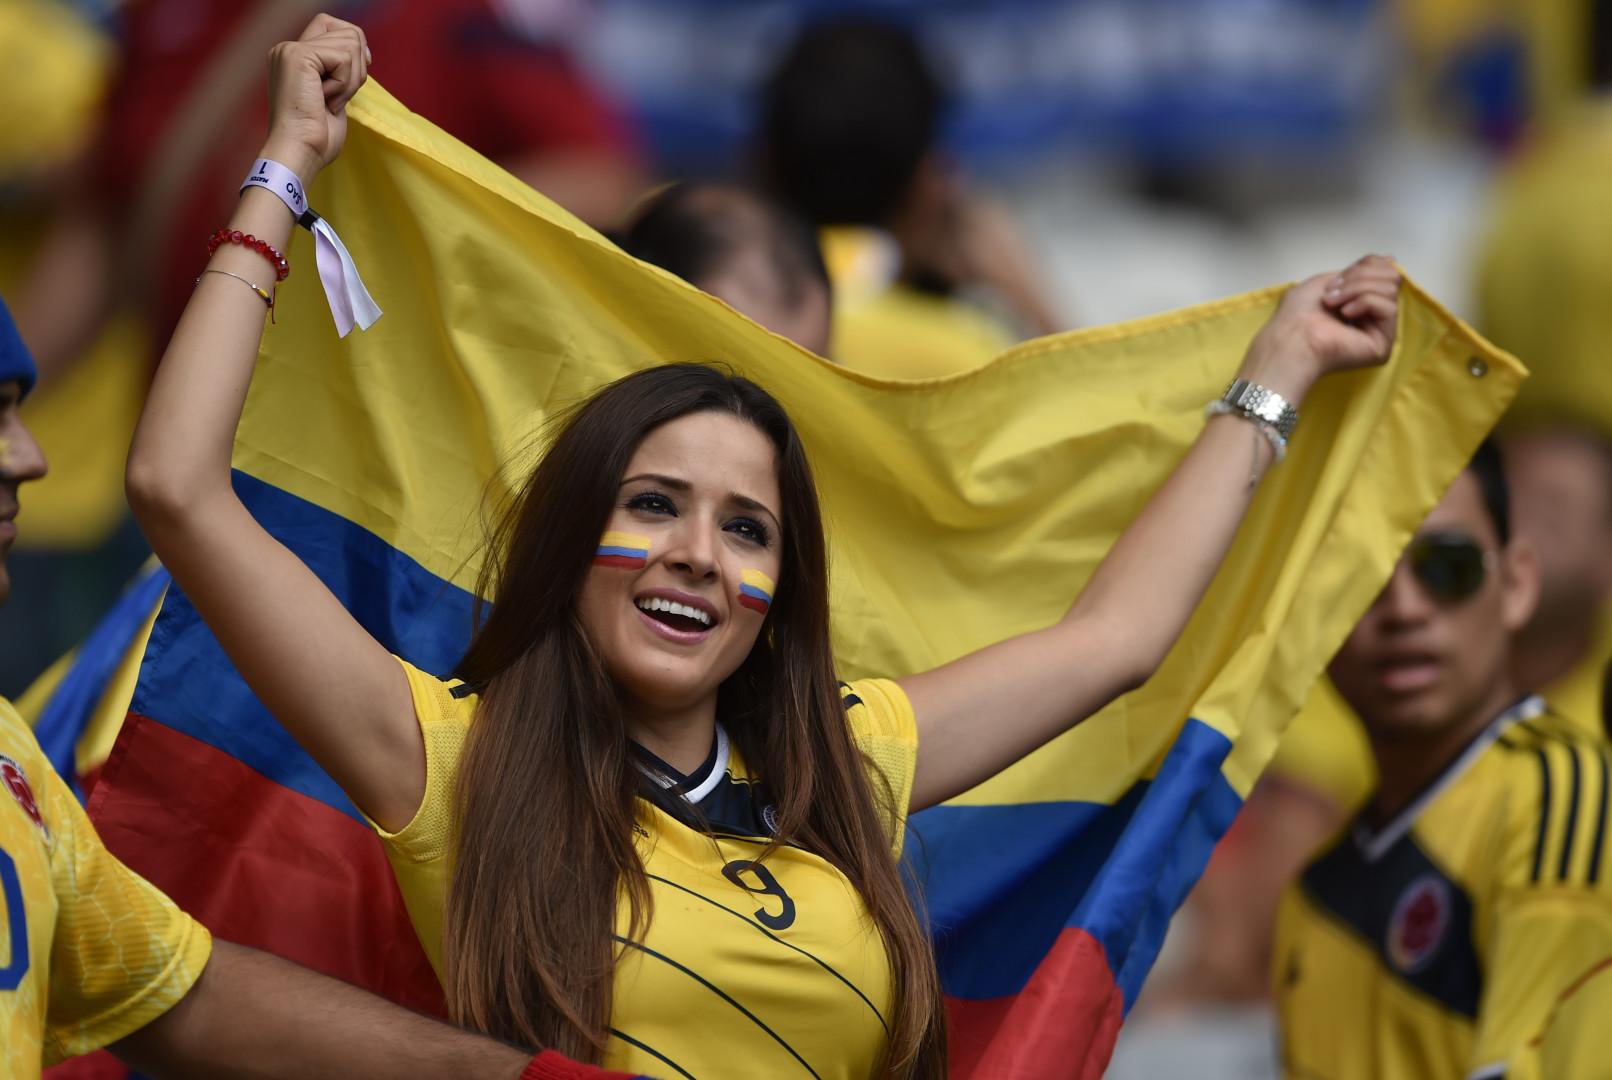 Les belles performances de la Colombie au Mondial ont enjoué cette supportrice